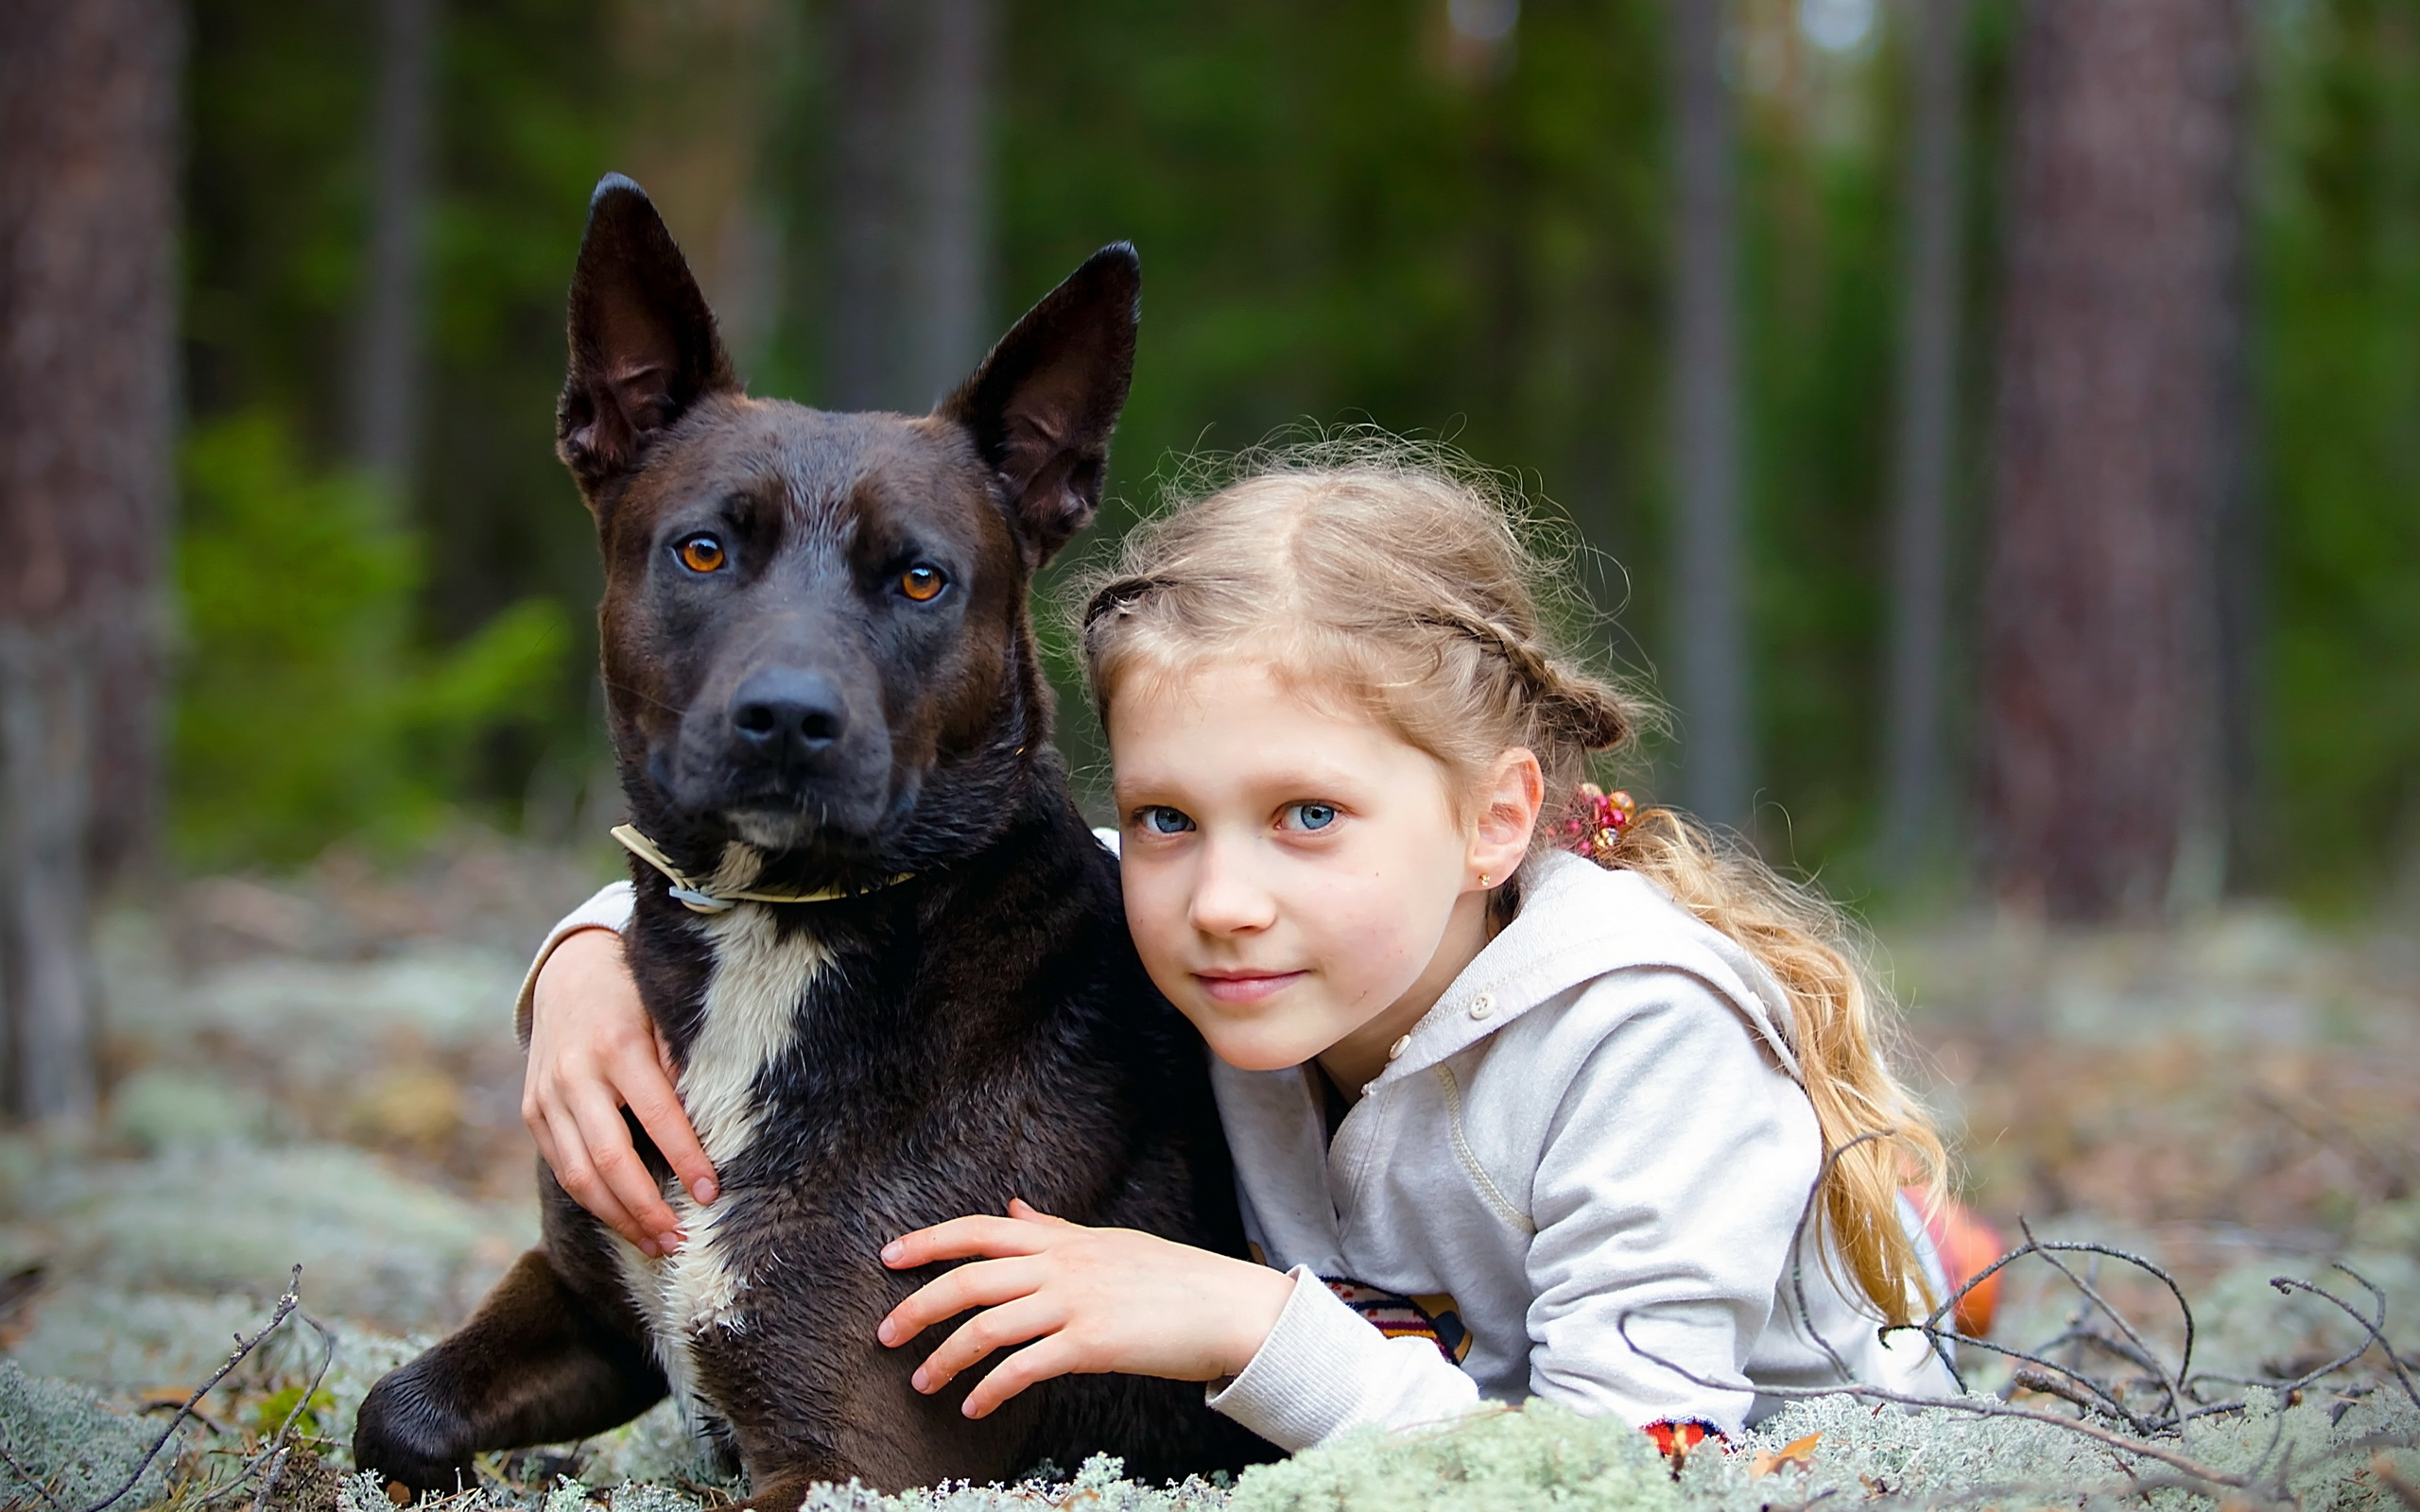 природа животные собака девочка жизнь nature animals dog girl life  № 3951098 бесплатно